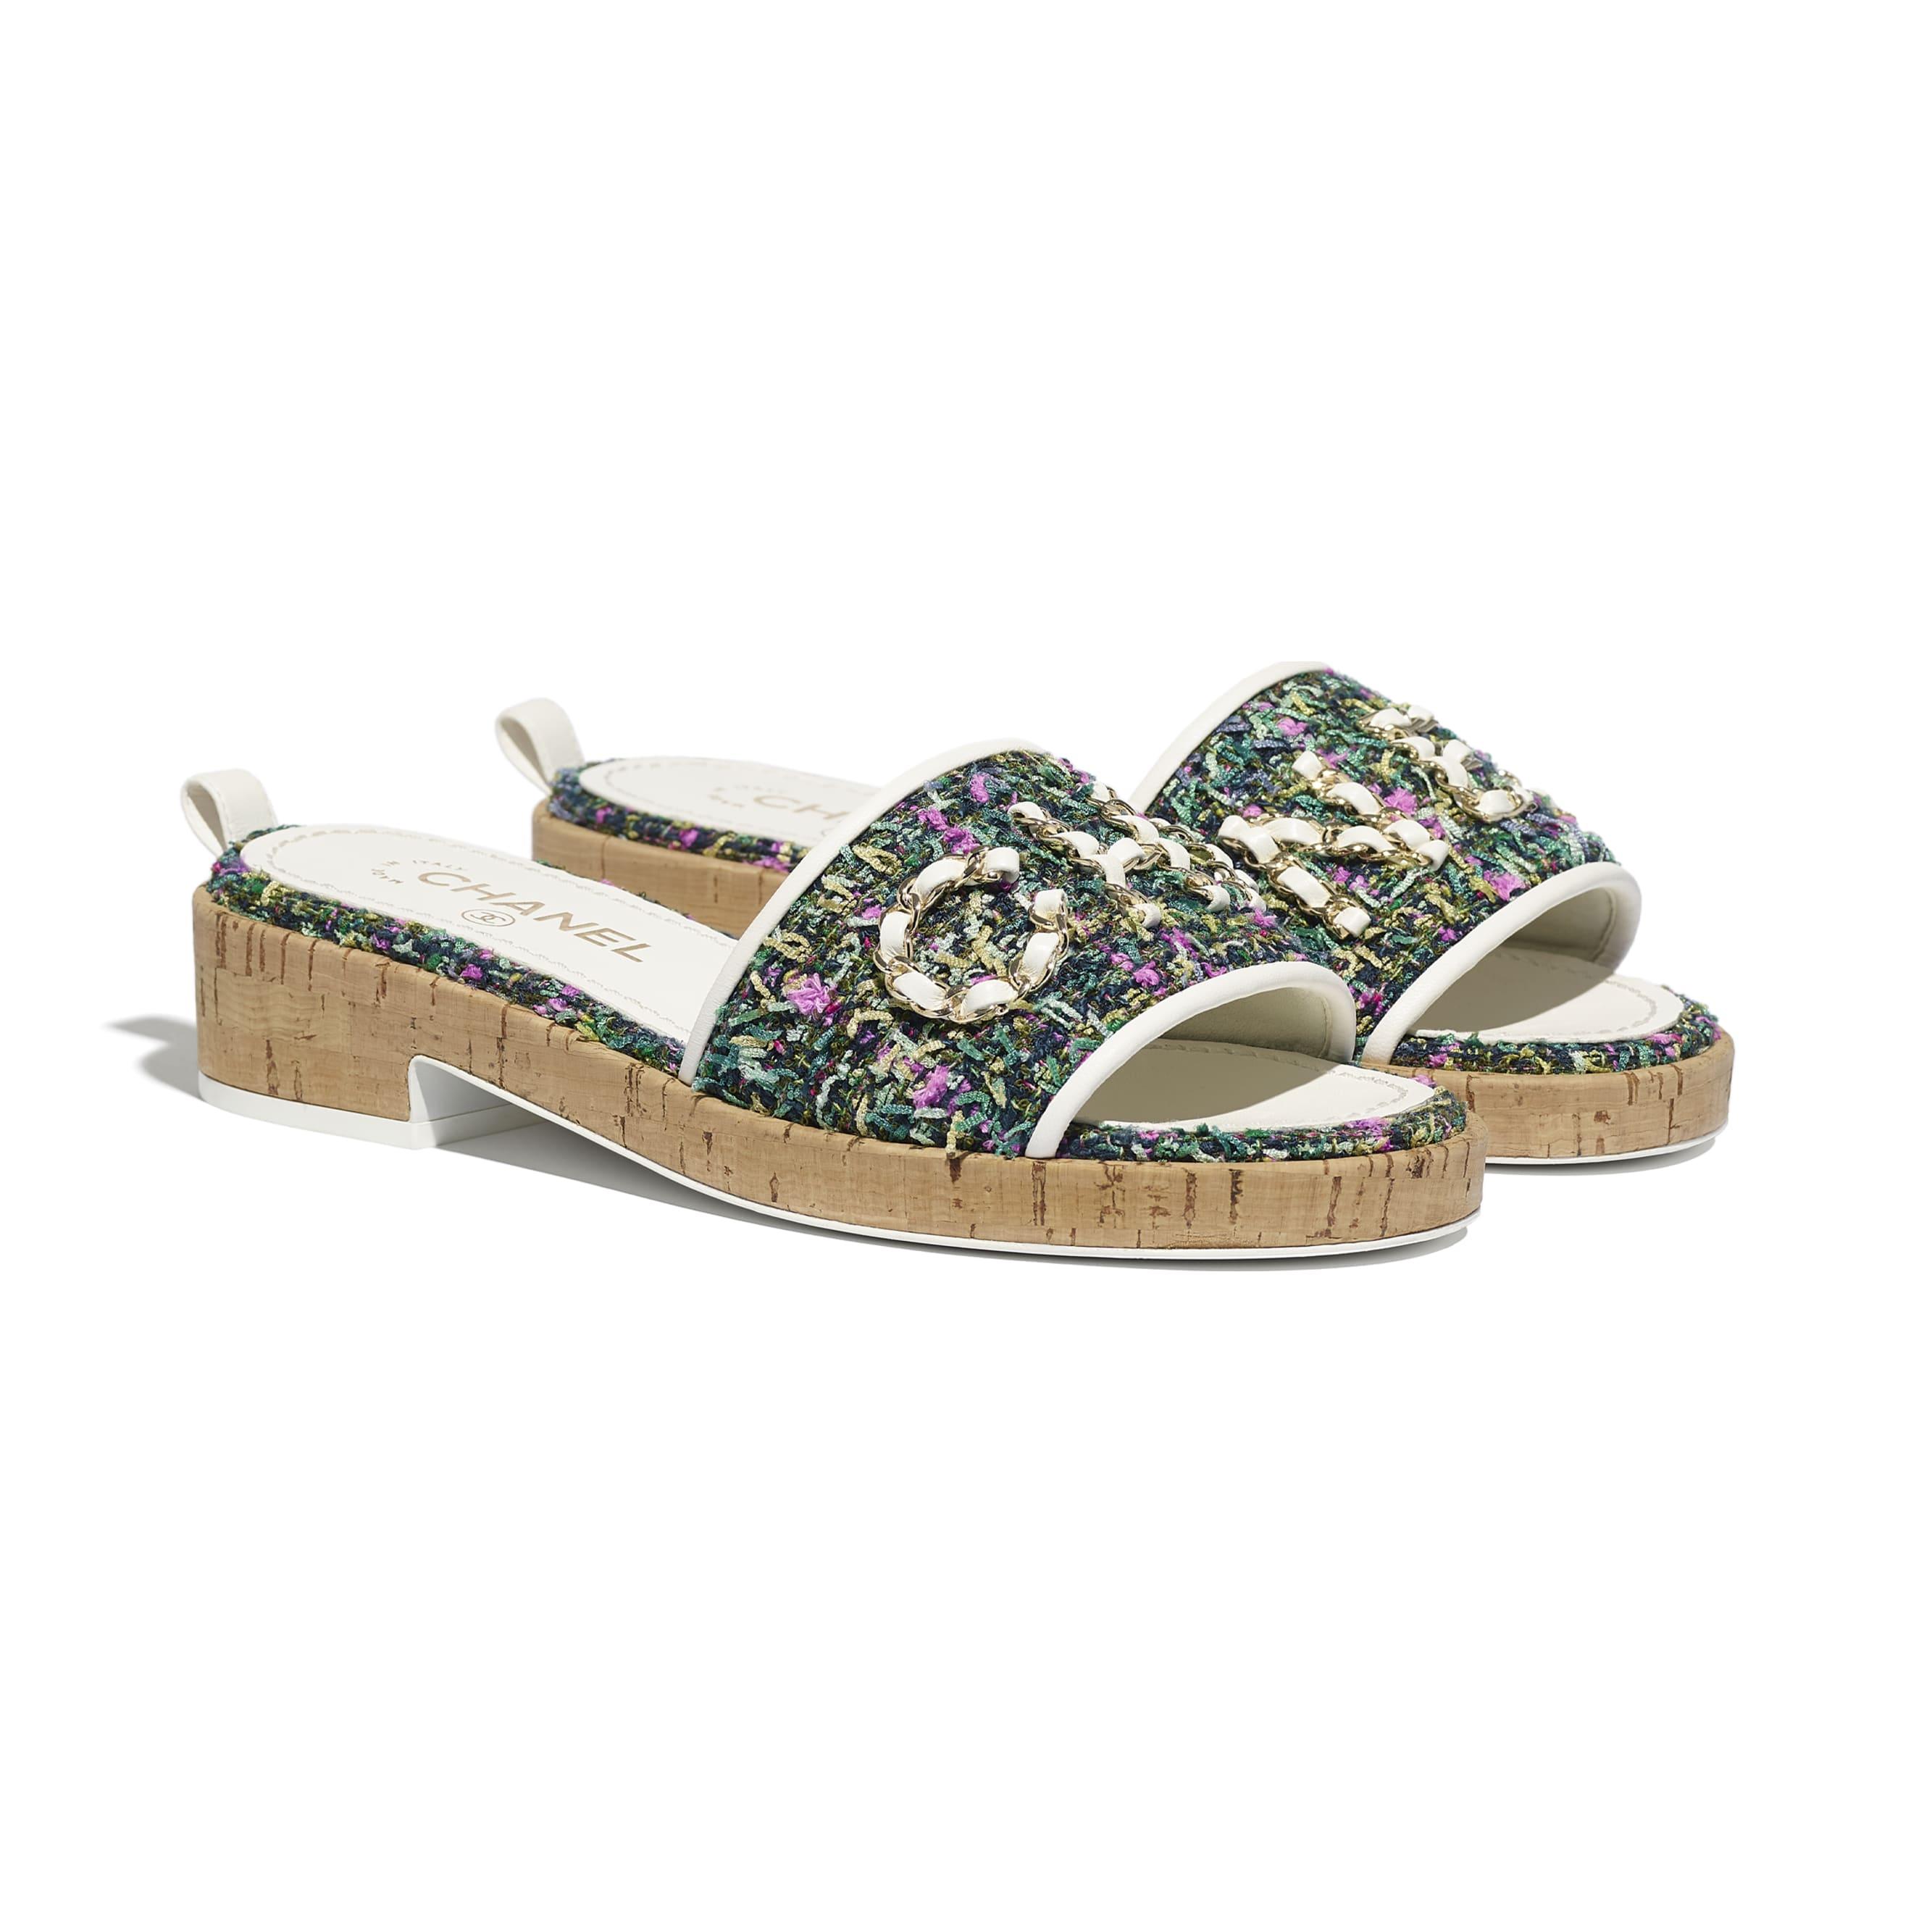 蜜兒拖鞋 - 綠、粉紅 & 黃 - 斜紋軟呢 - CHANEL - 替代視圖 - 查看標準尺寸版本